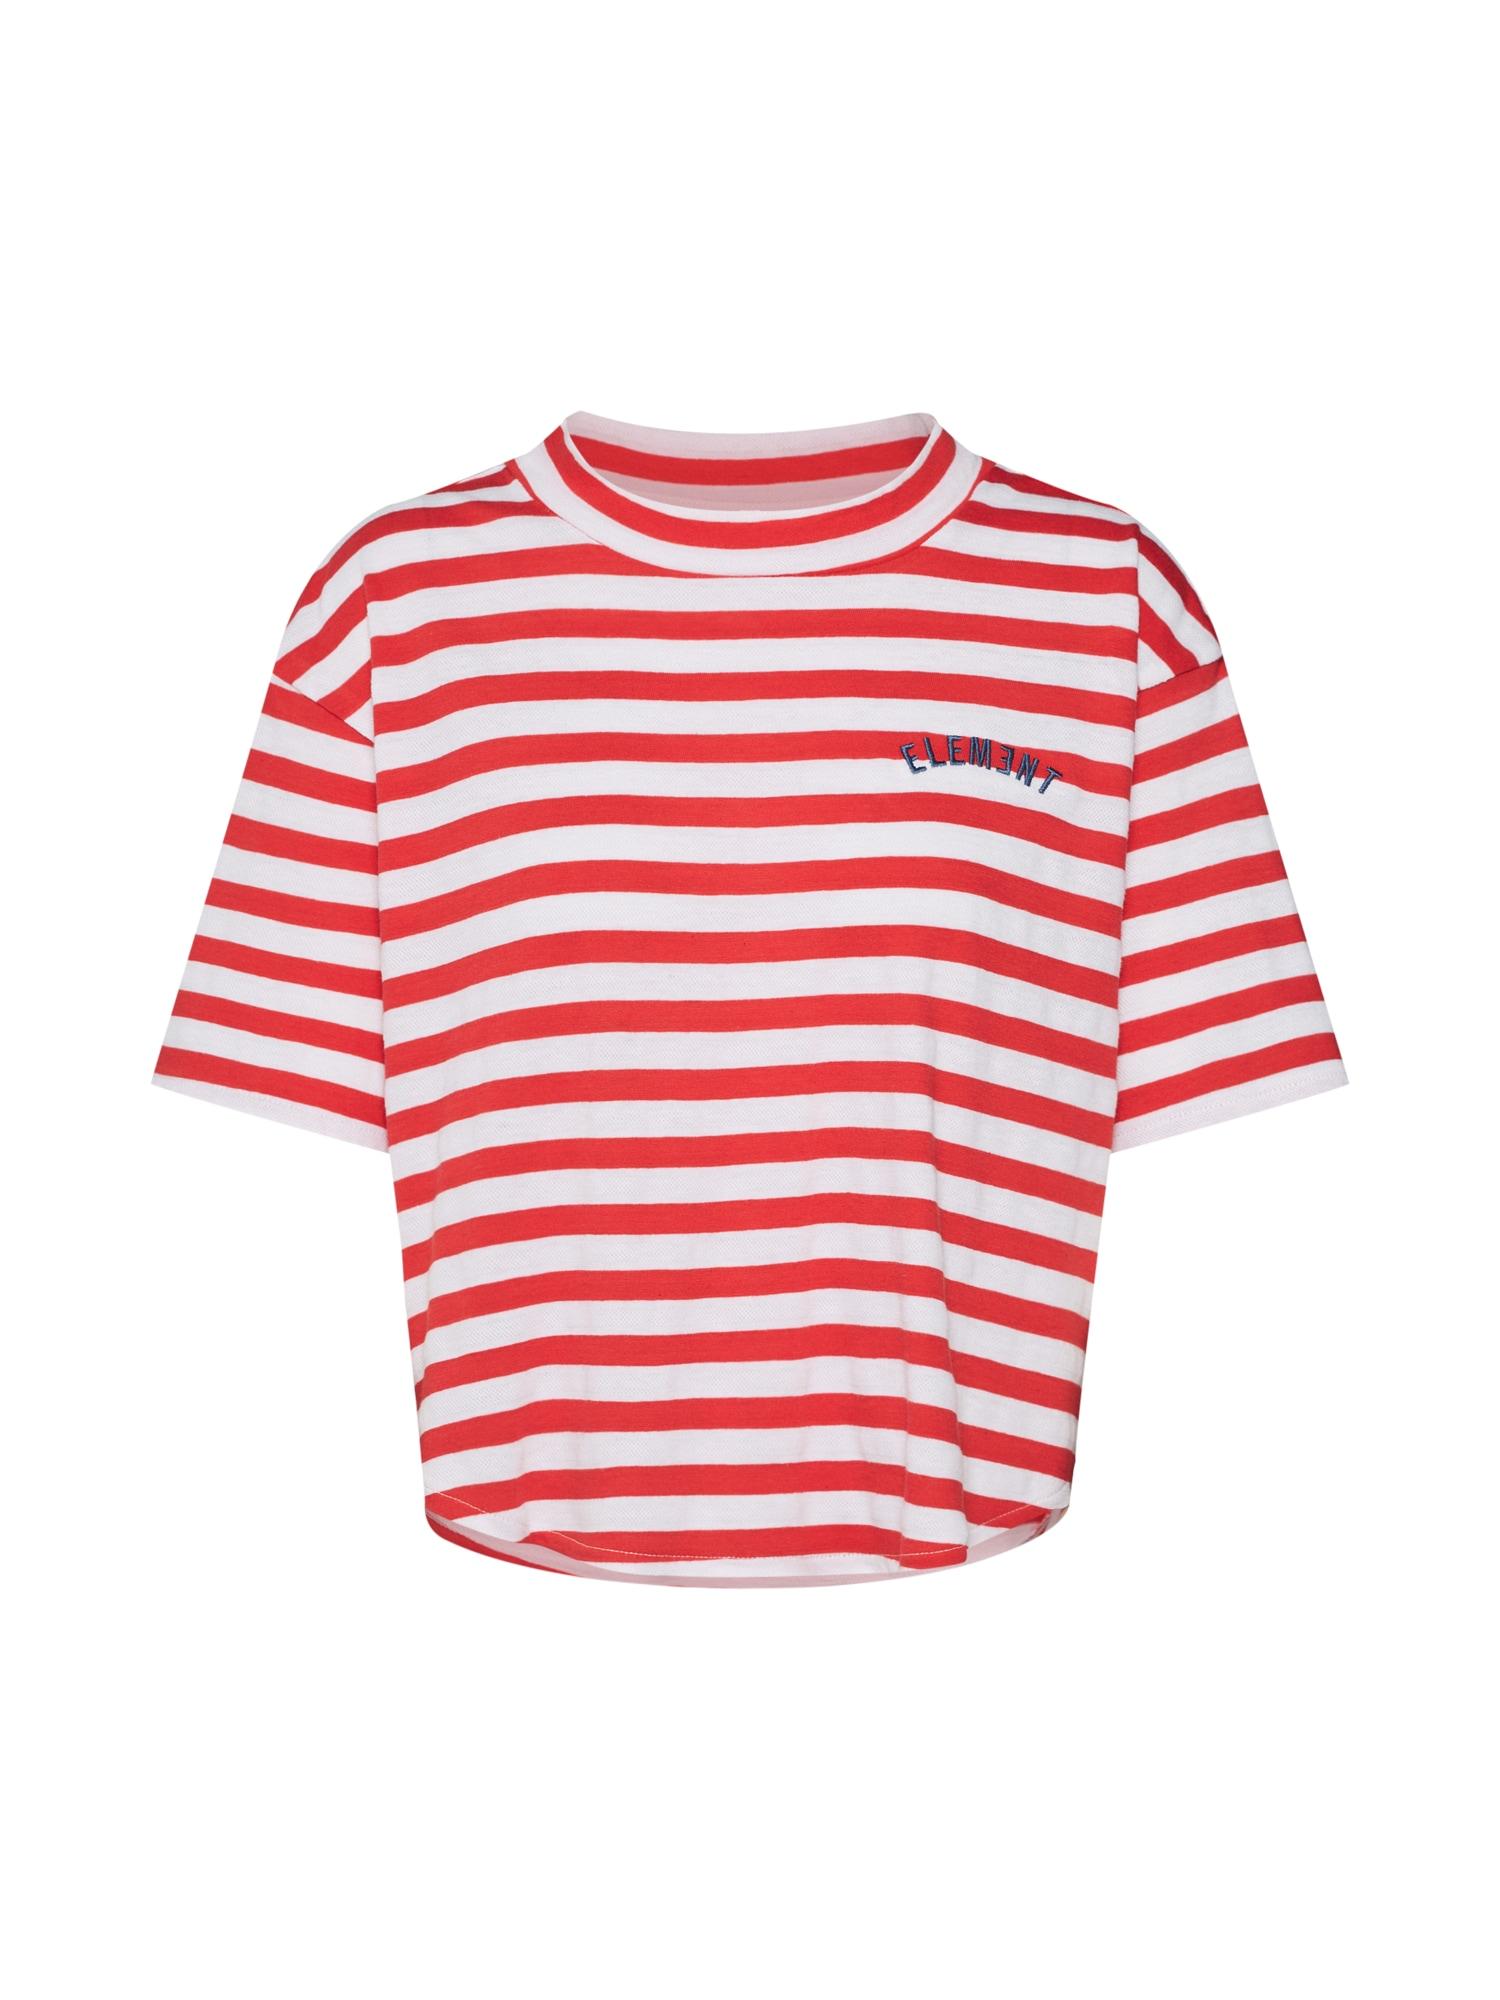 Tričko Loveless červená bílá ELEMENT